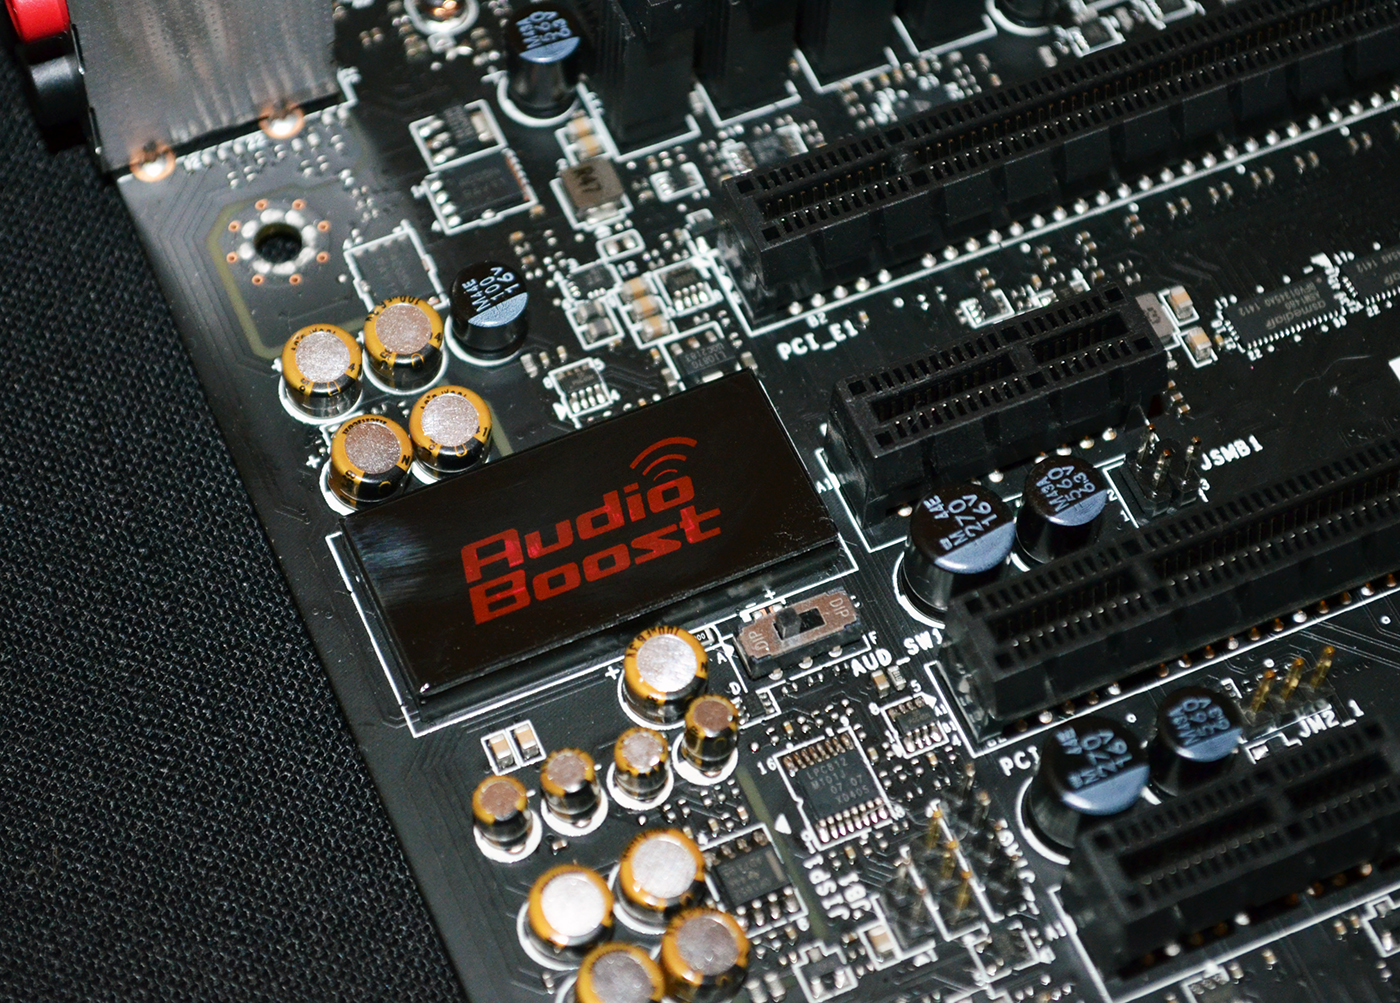 MSI X99S Gaming 7 9